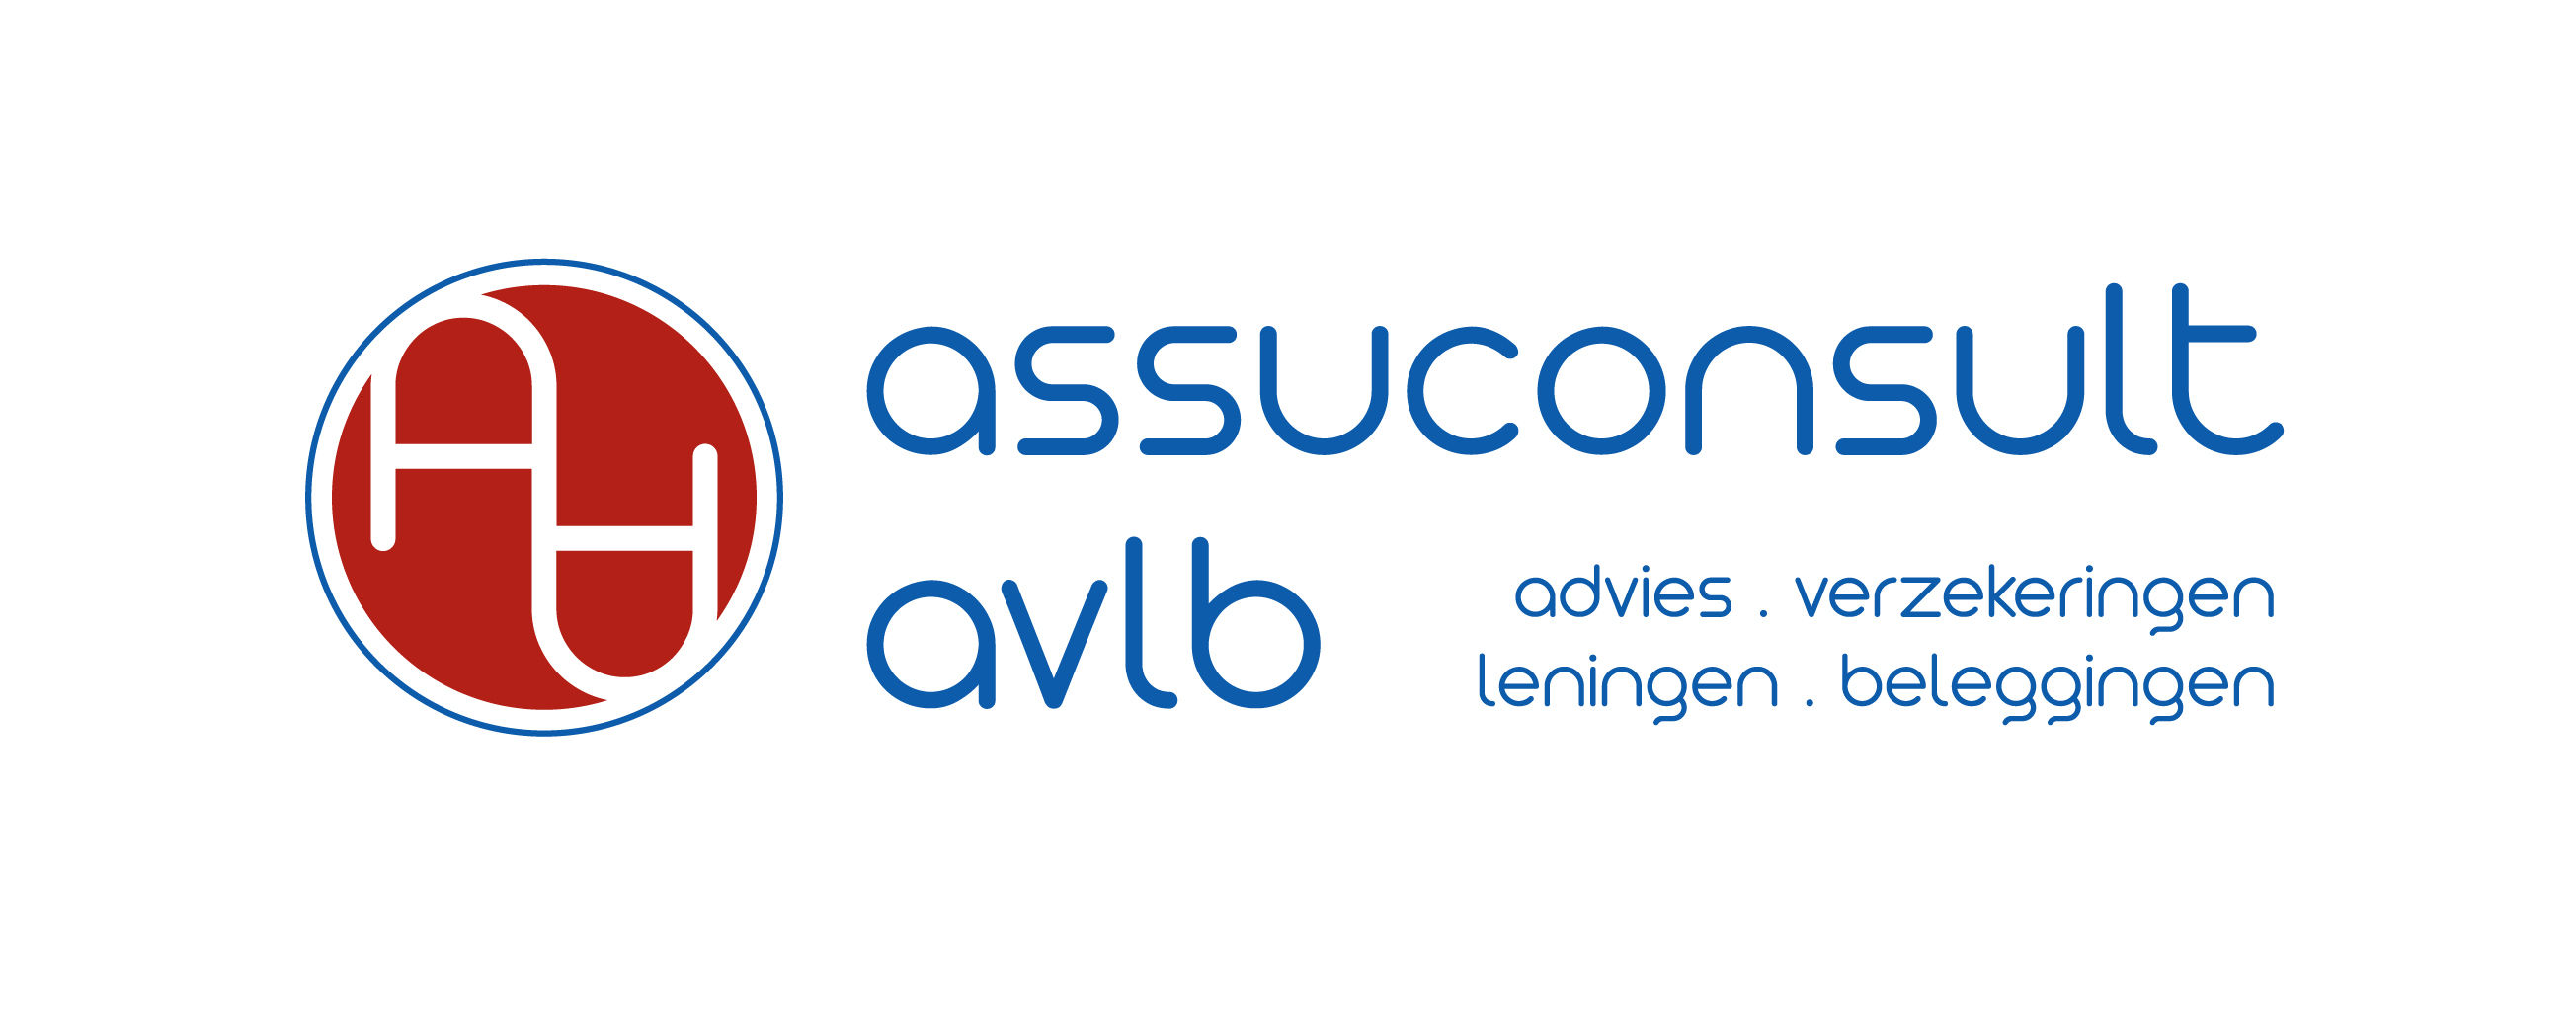 assuconsult avlb logo